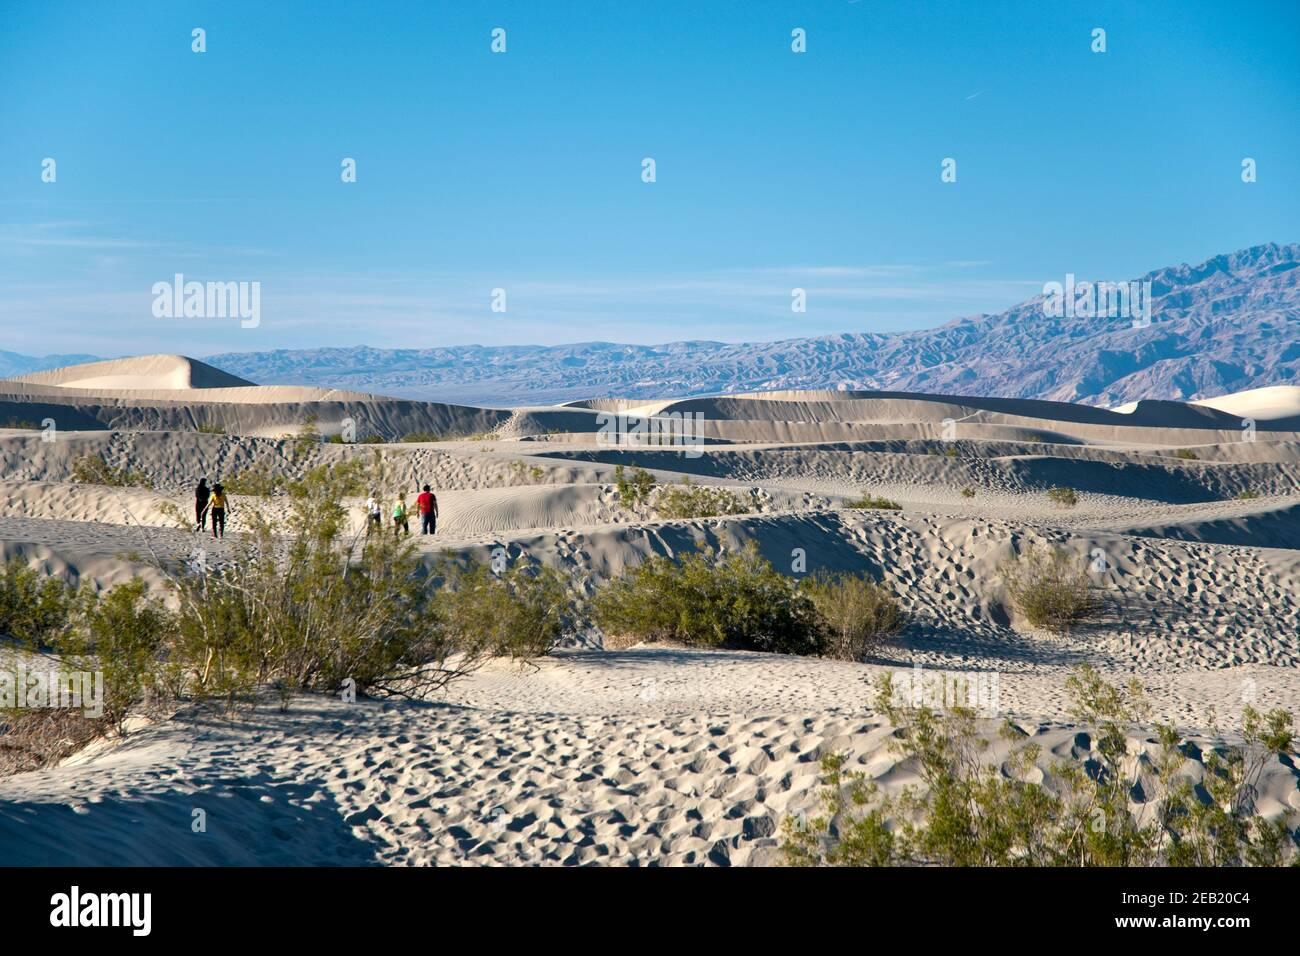 Die Mesquite Flats Sand Dunes am nördlichen Ende des Death Valley National Park, Kalifornien. Stockfoto